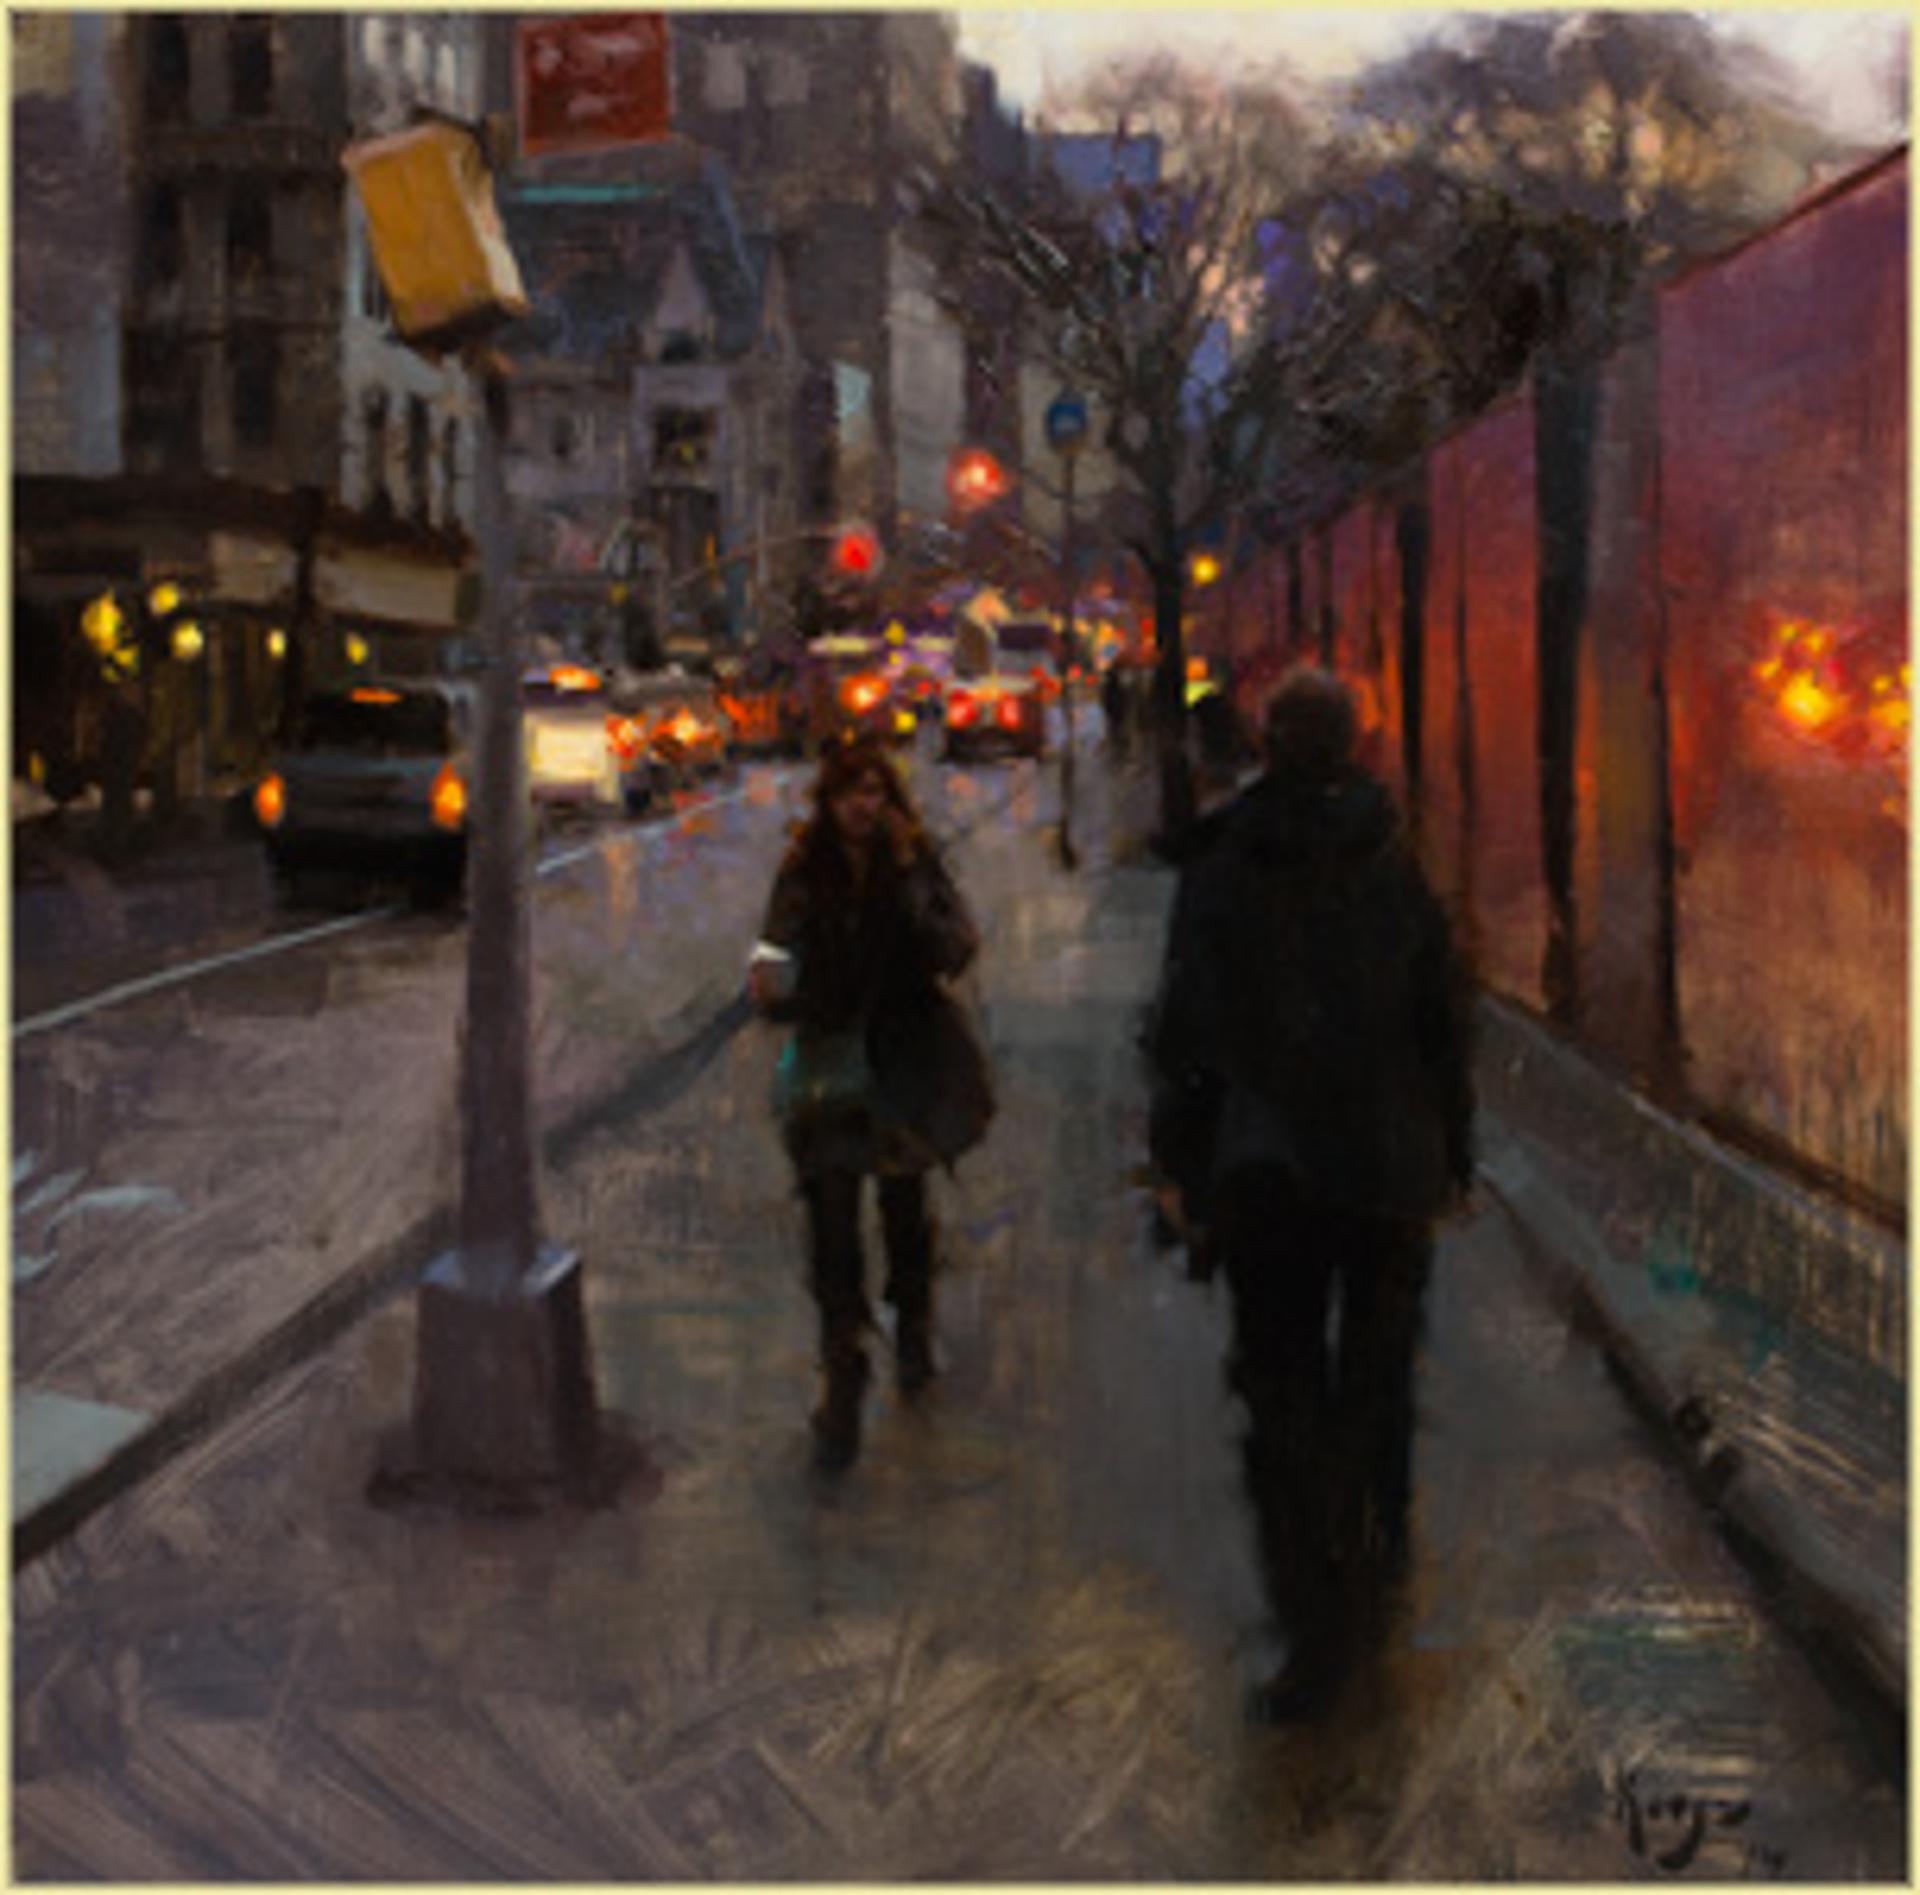 5th Avenue Twilight by Daniel Keys